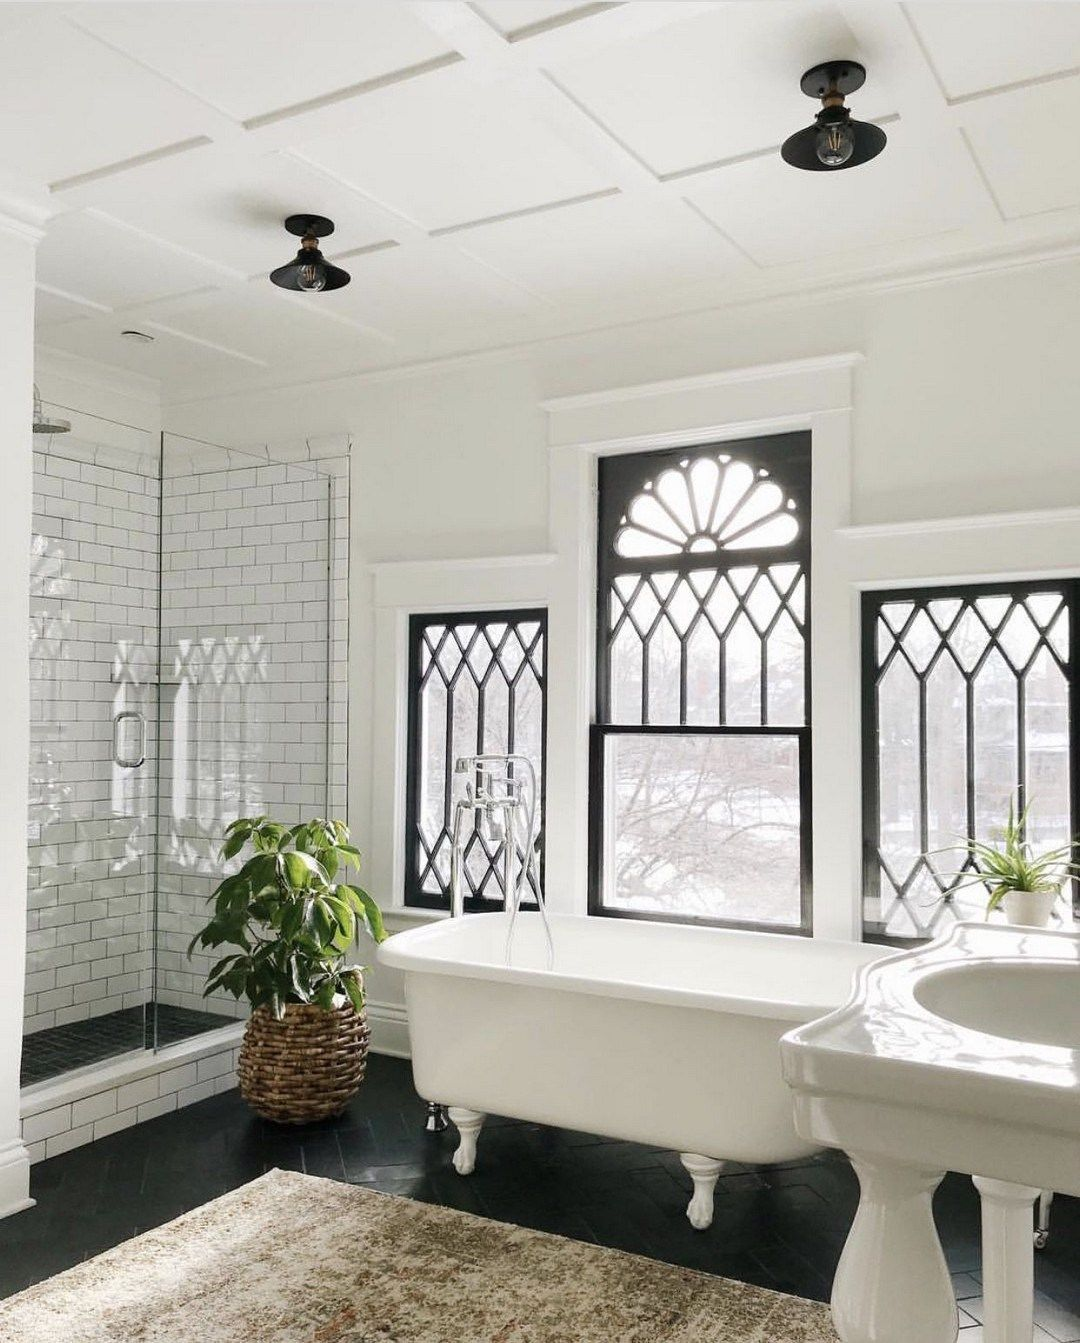 Gorgeous Black And White Subway Tiles Bathroom Design (19 ...